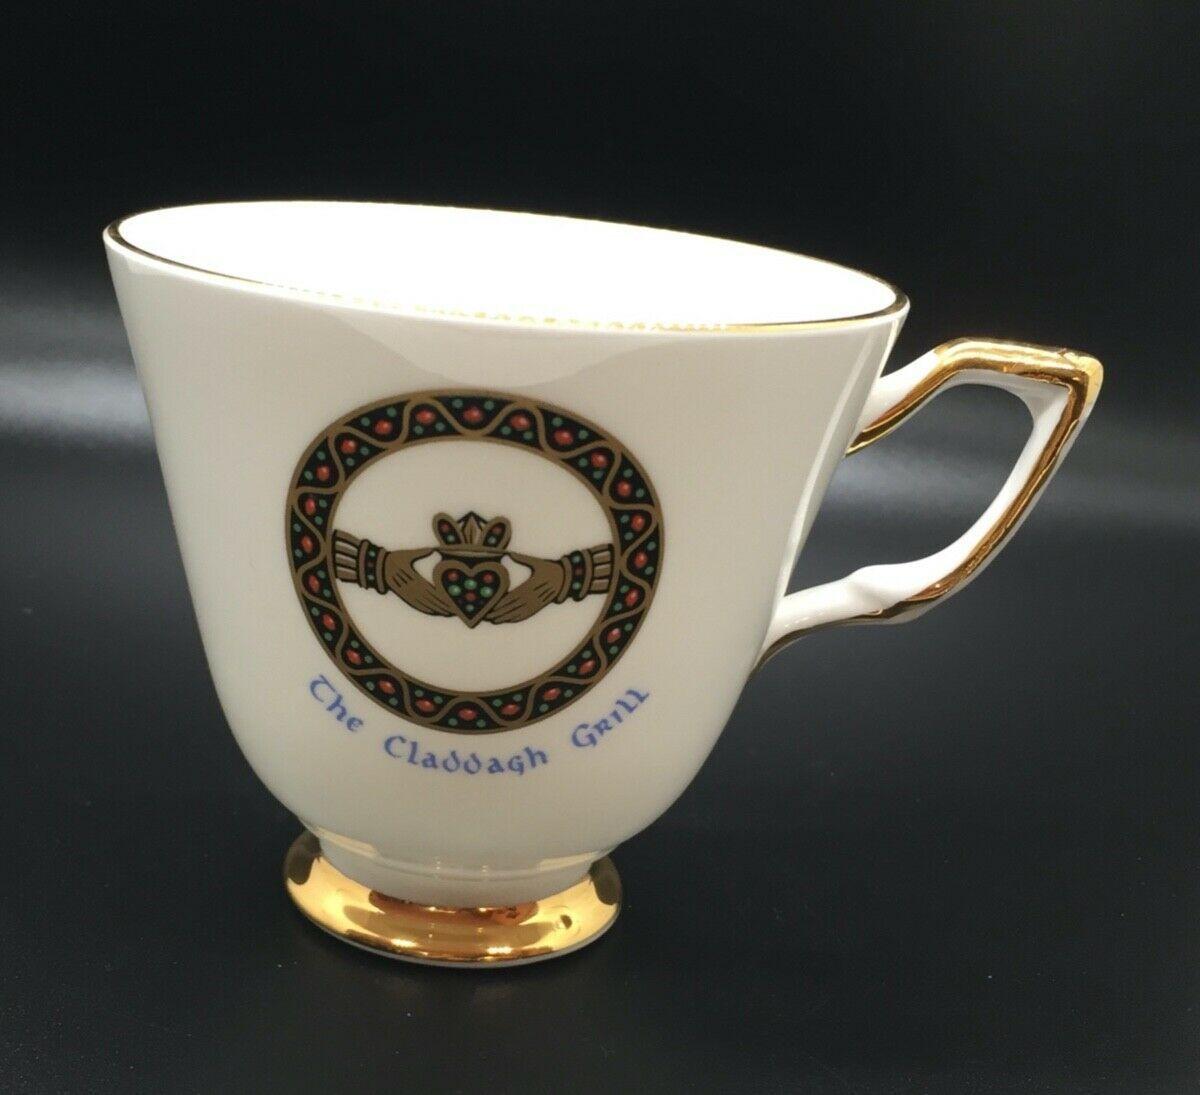 Royal Tara Claddagh Brooch Cup Bone China Galway Ireland Claddagh Grill Gold Rimbone